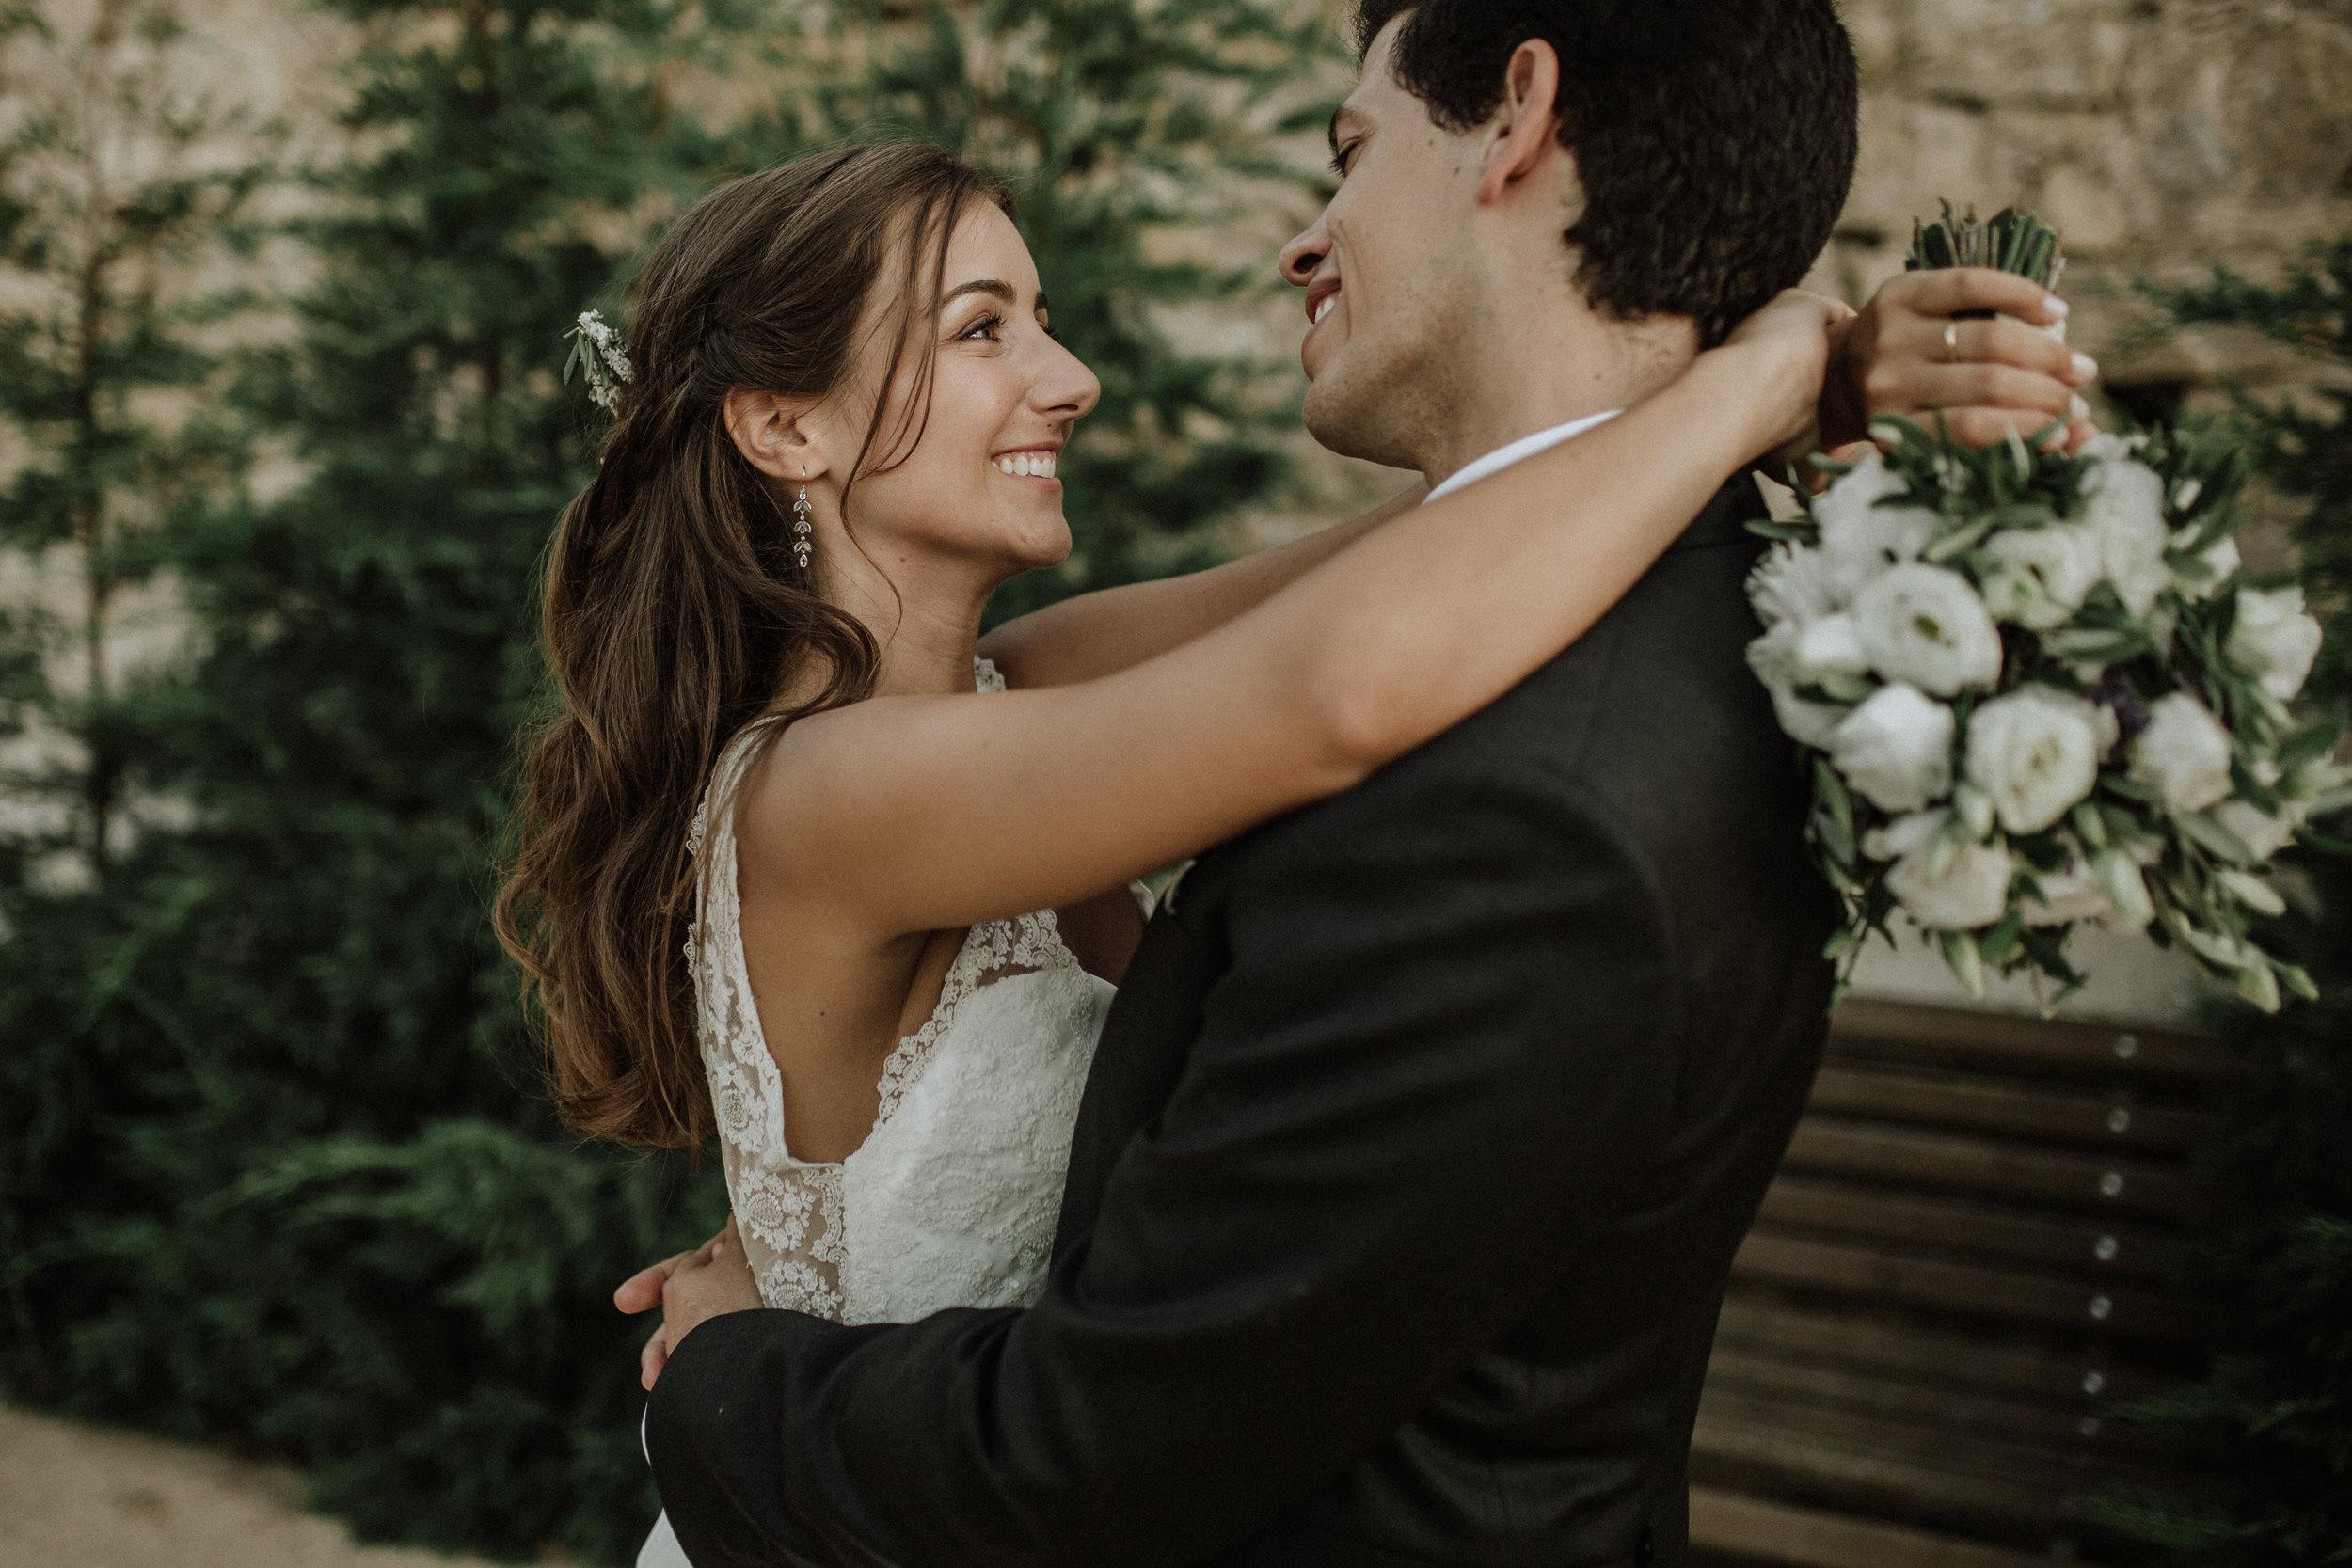 I&J_647_ 14_julho_2018 WEDDING DAY.jpg